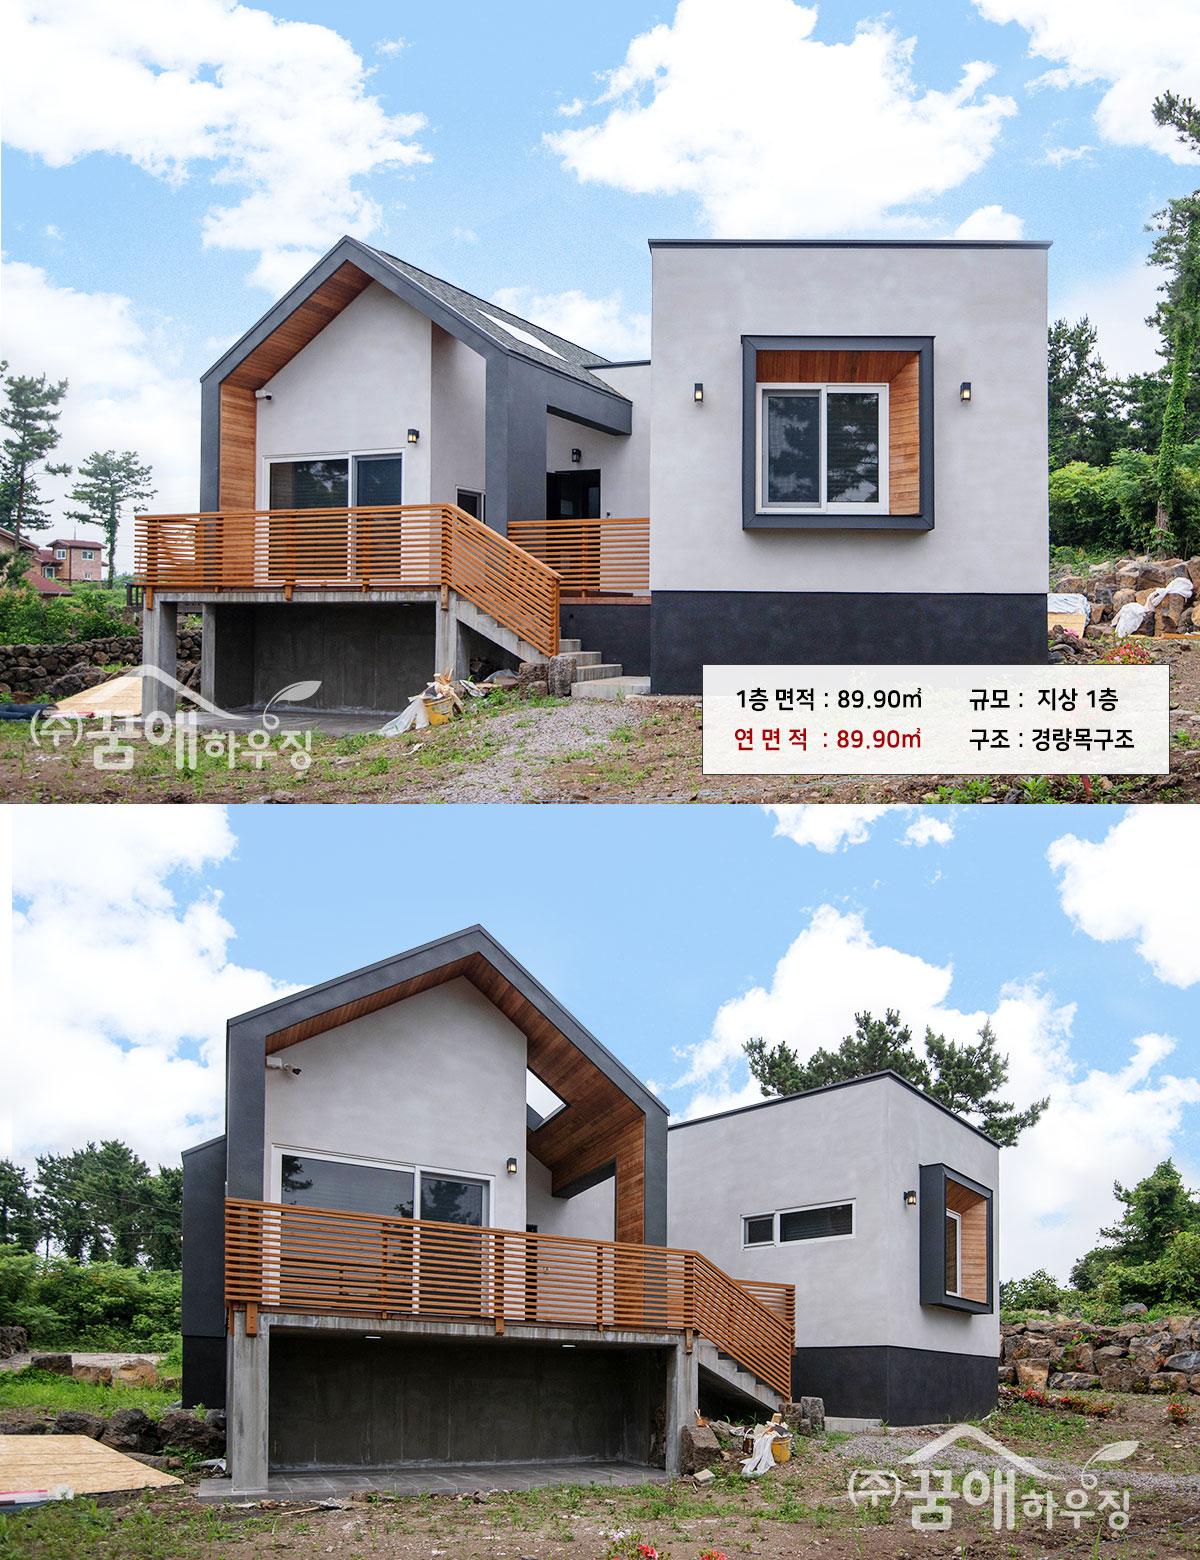 제주_김화경(예스와이프렌즈)_02.jpg